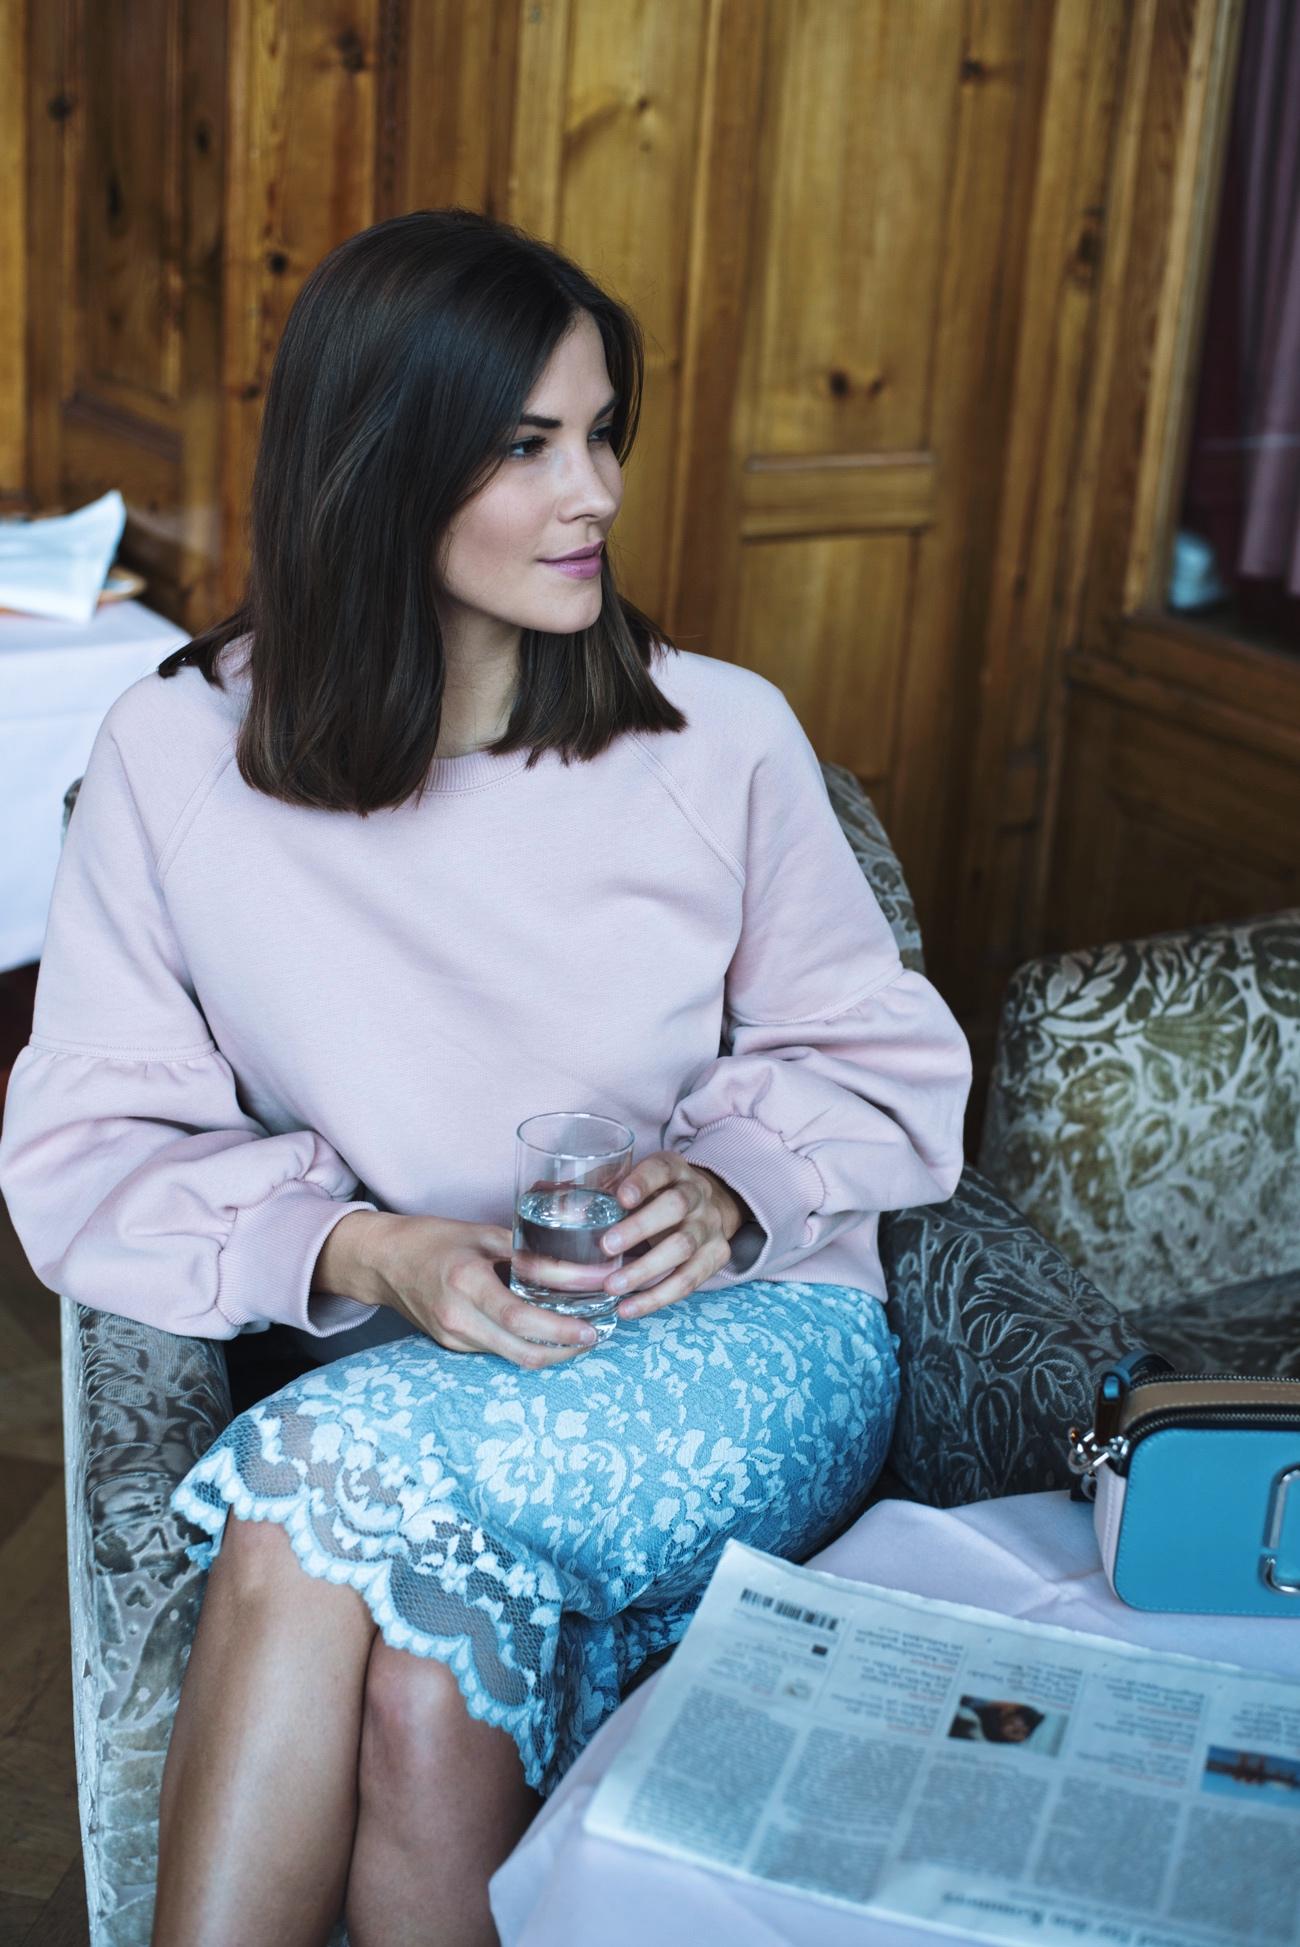 pastell-töne-im-alltag-tragen-chic-und-nicht-mädchenhaft-pastel-blogger-styling-fashiioncarpet